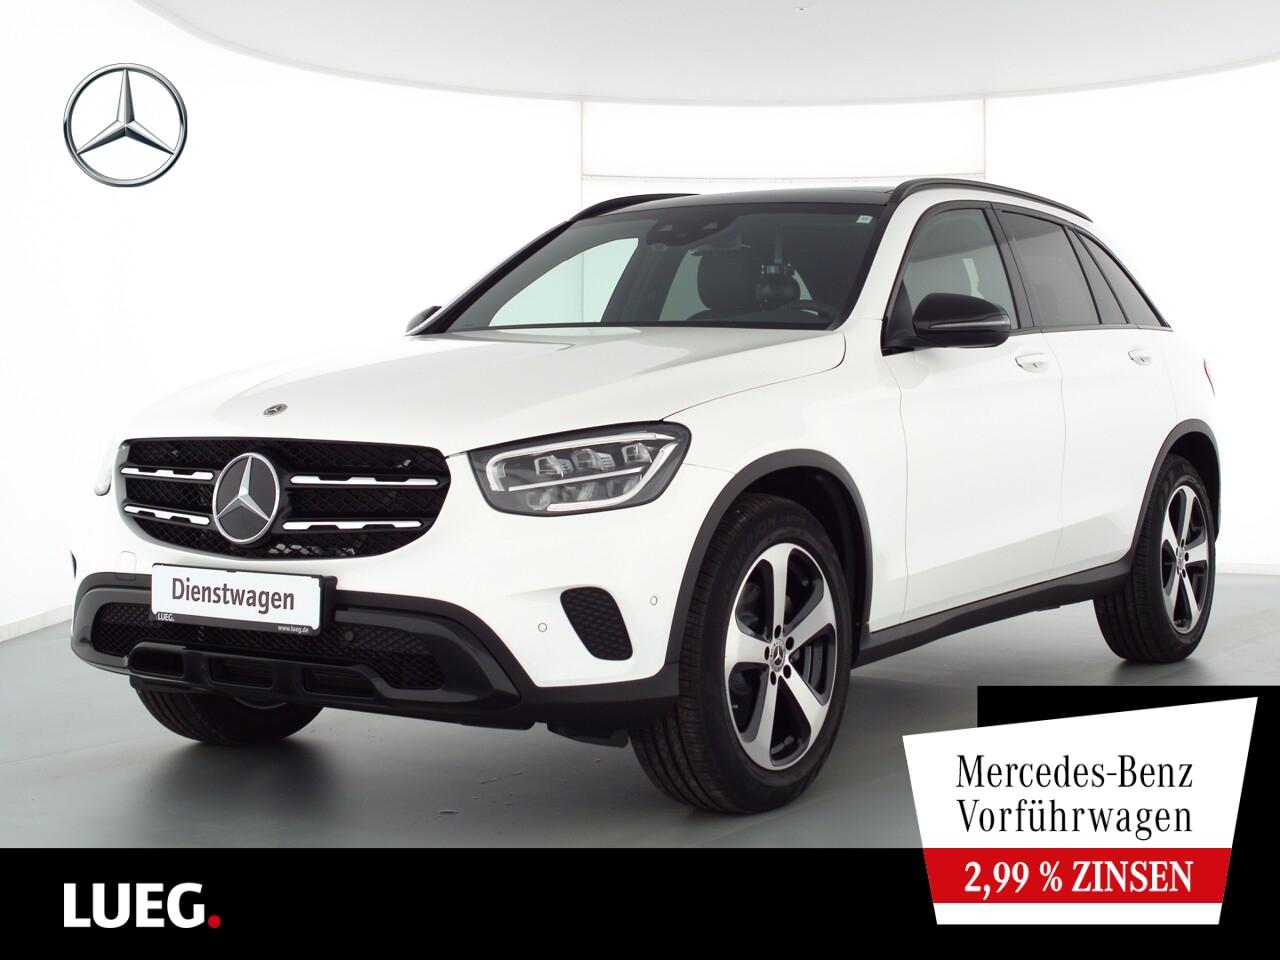 Mercedes-Benz GLC 200 4M NIGHT+EXCLUSIVE+PANO+AHK+SOUND+KAMERA, Jahr 2021, Benzin